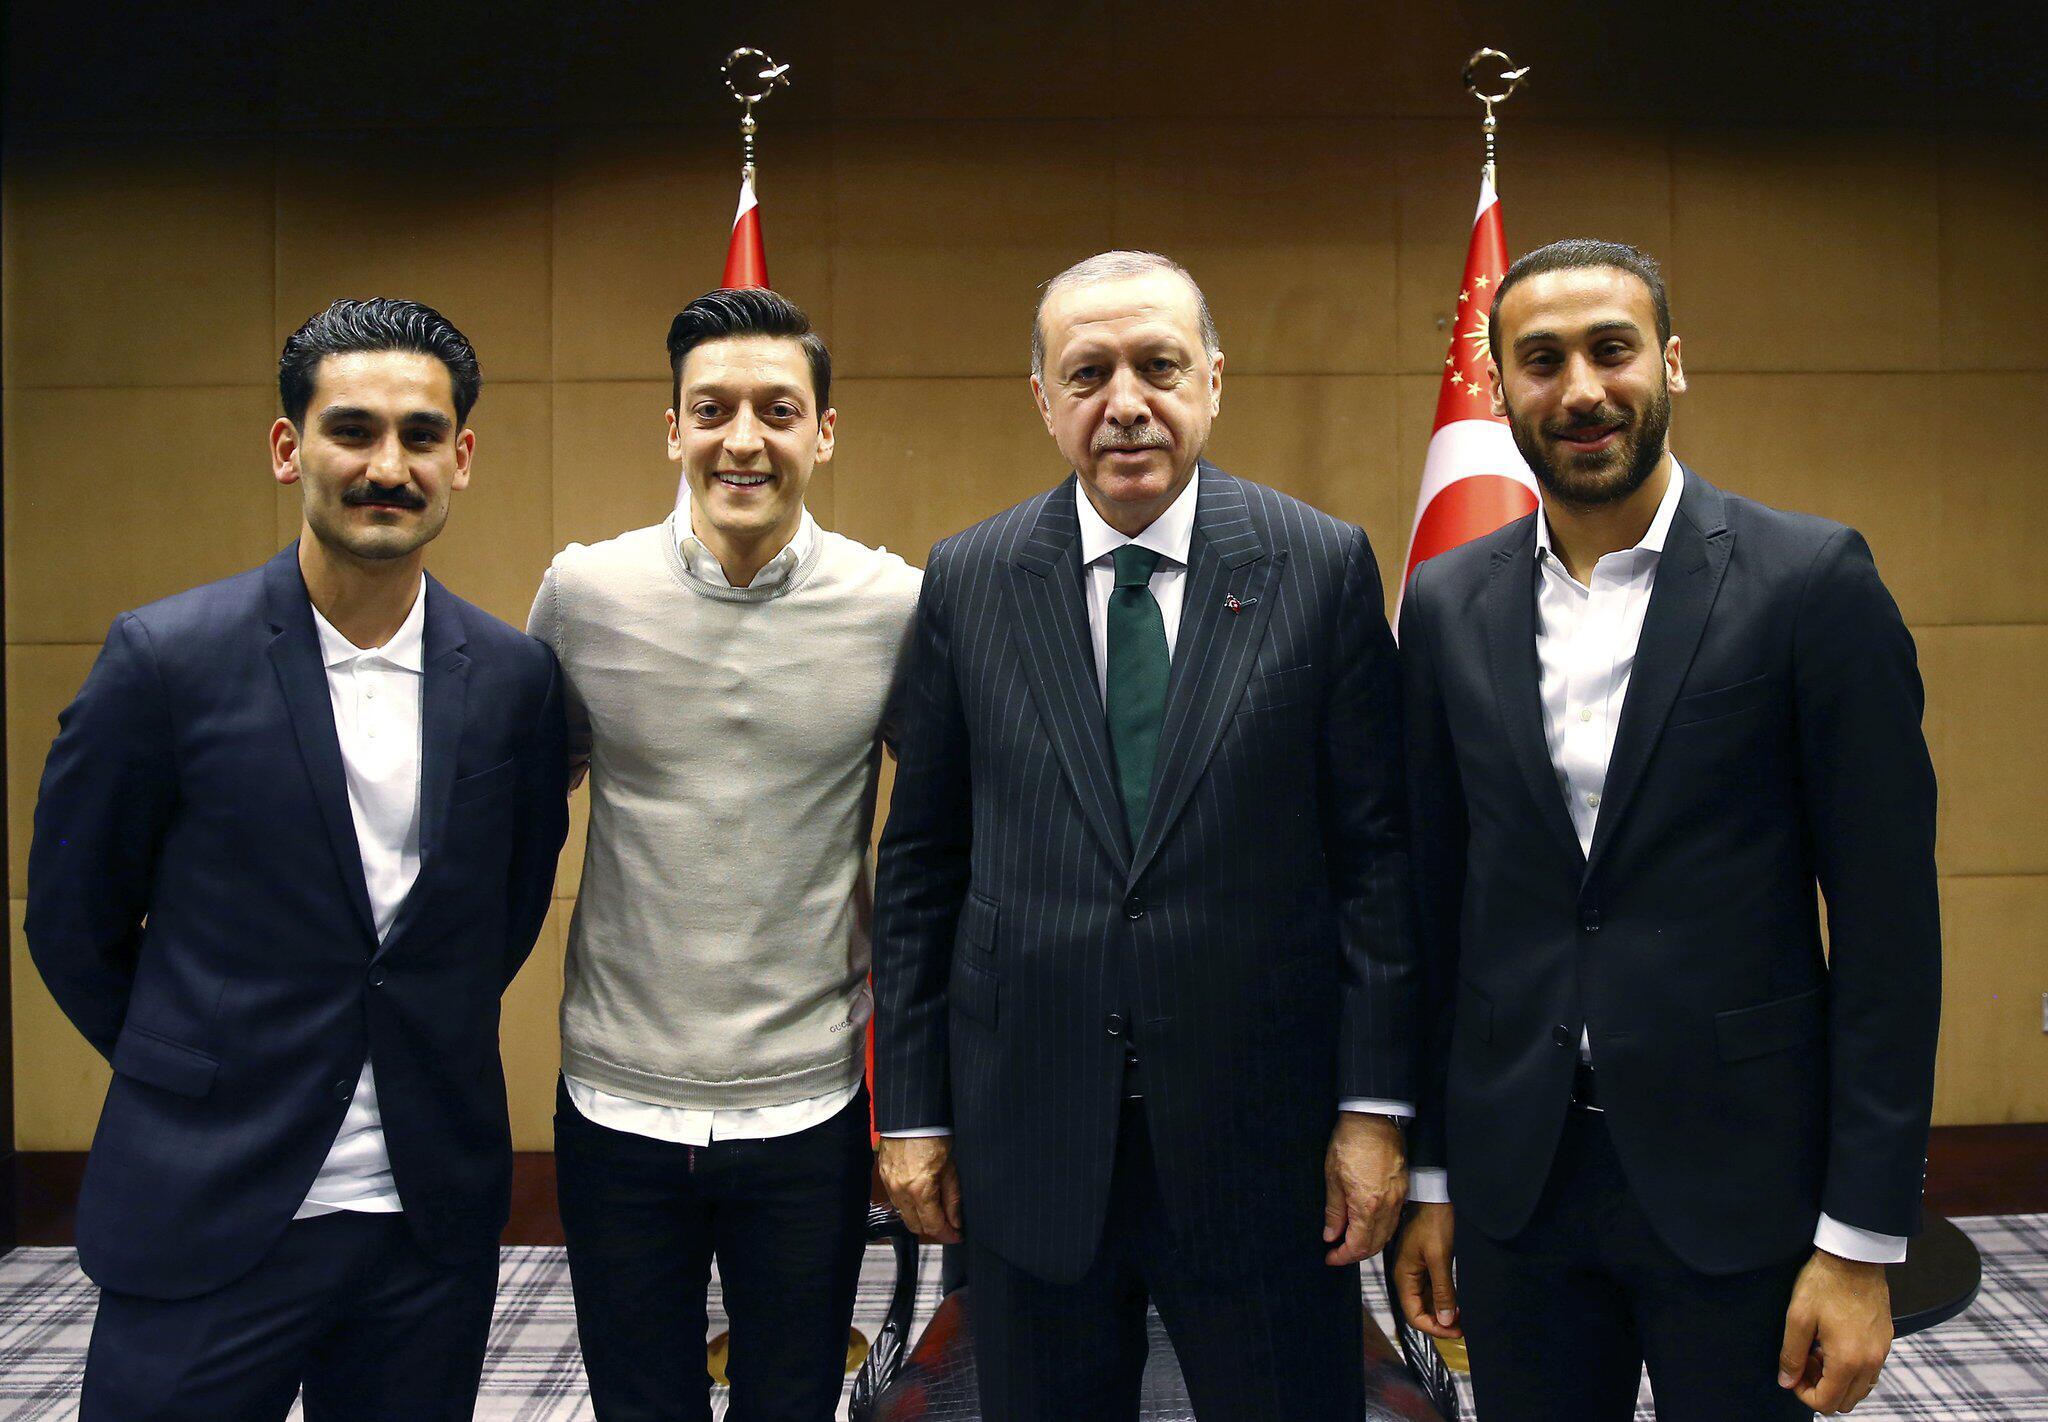 Bild zu Ilkay Gündogan, Mesut Özil, Recep Tayyip Erdogan